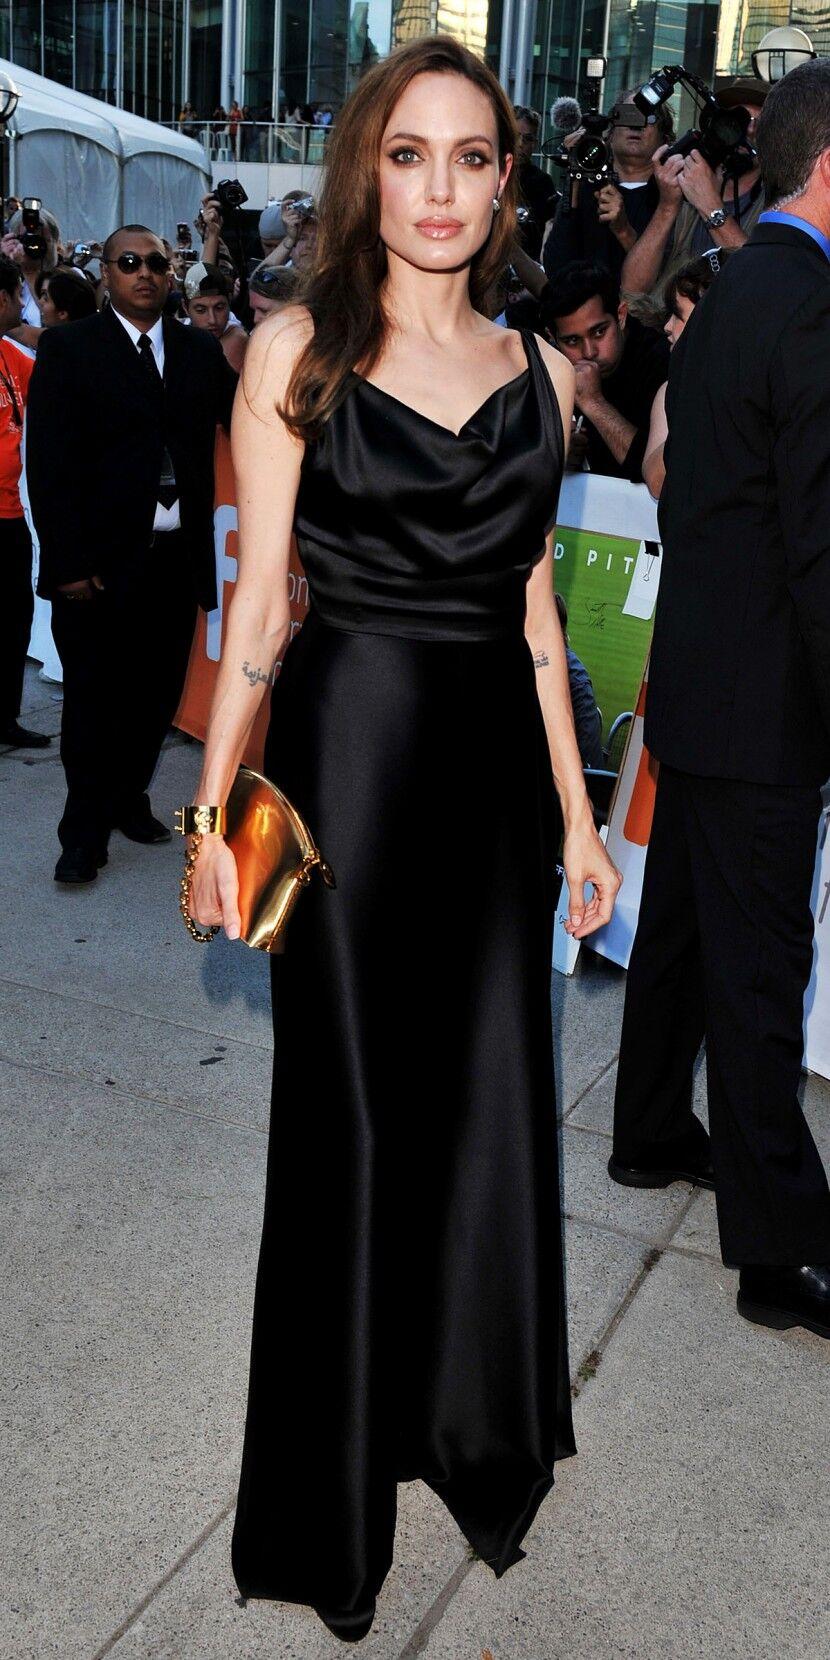 Анджелина Джоли и Меган Фокс: кто кого?